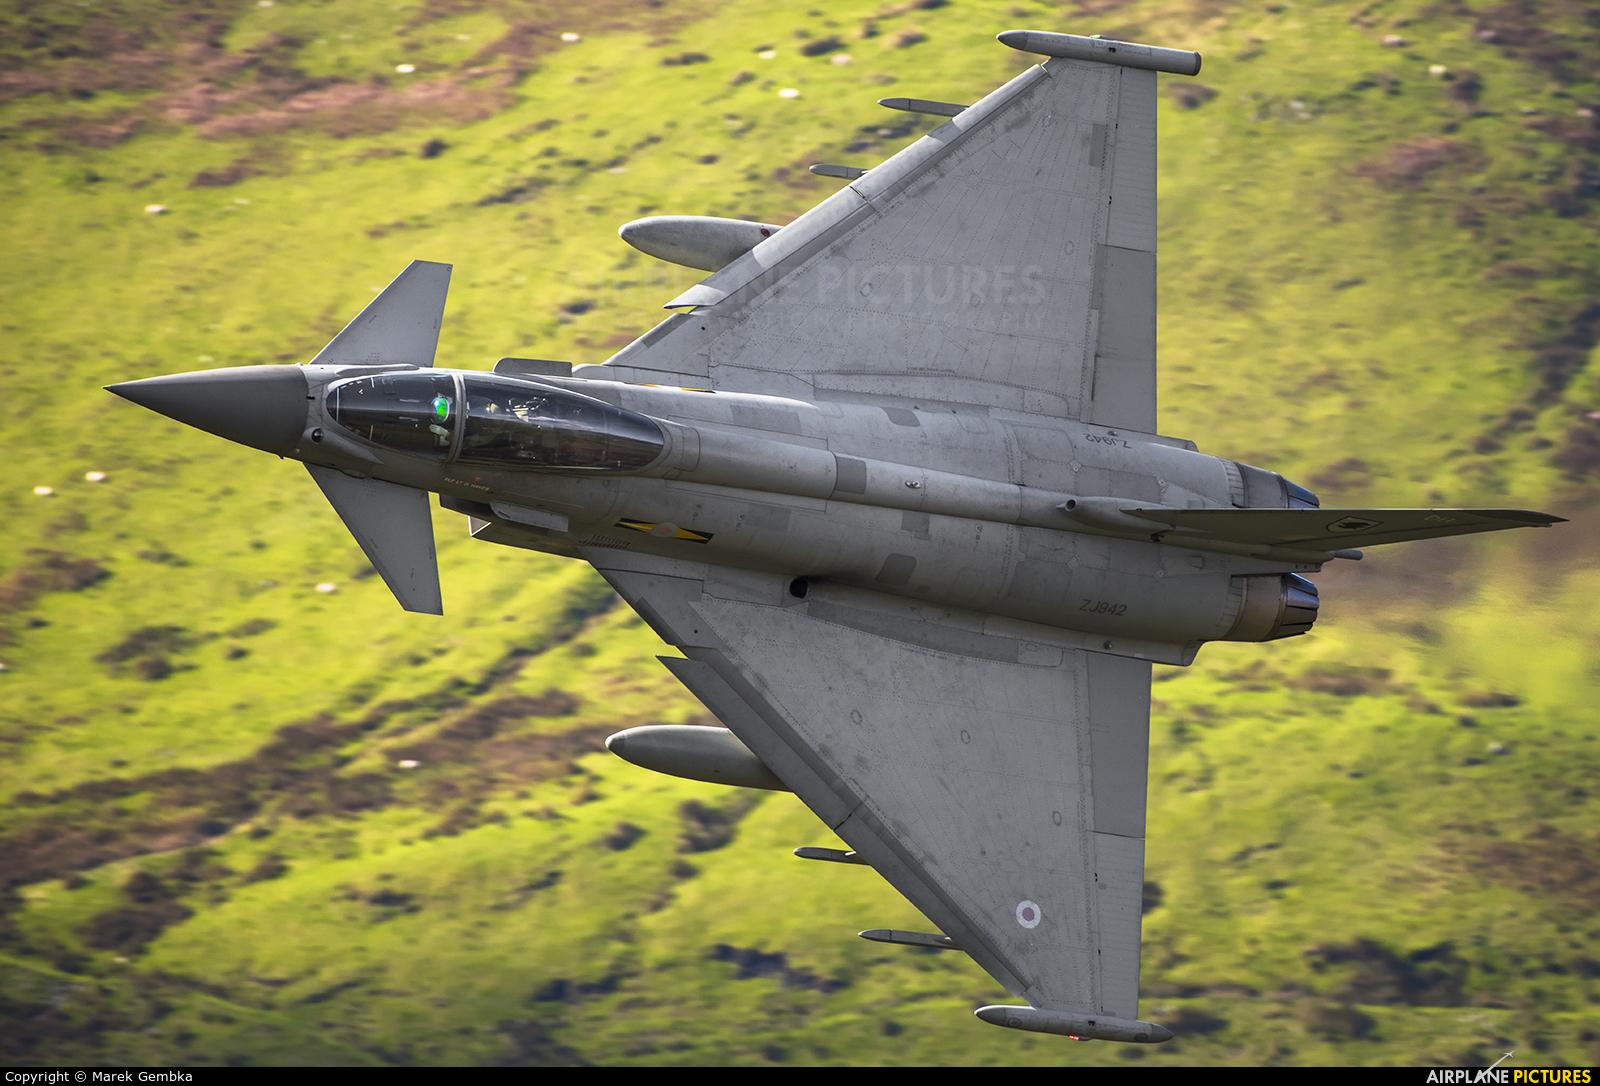 Royal Air Force ZJ942 aircraft at Machynlleth Loop - LFA 7